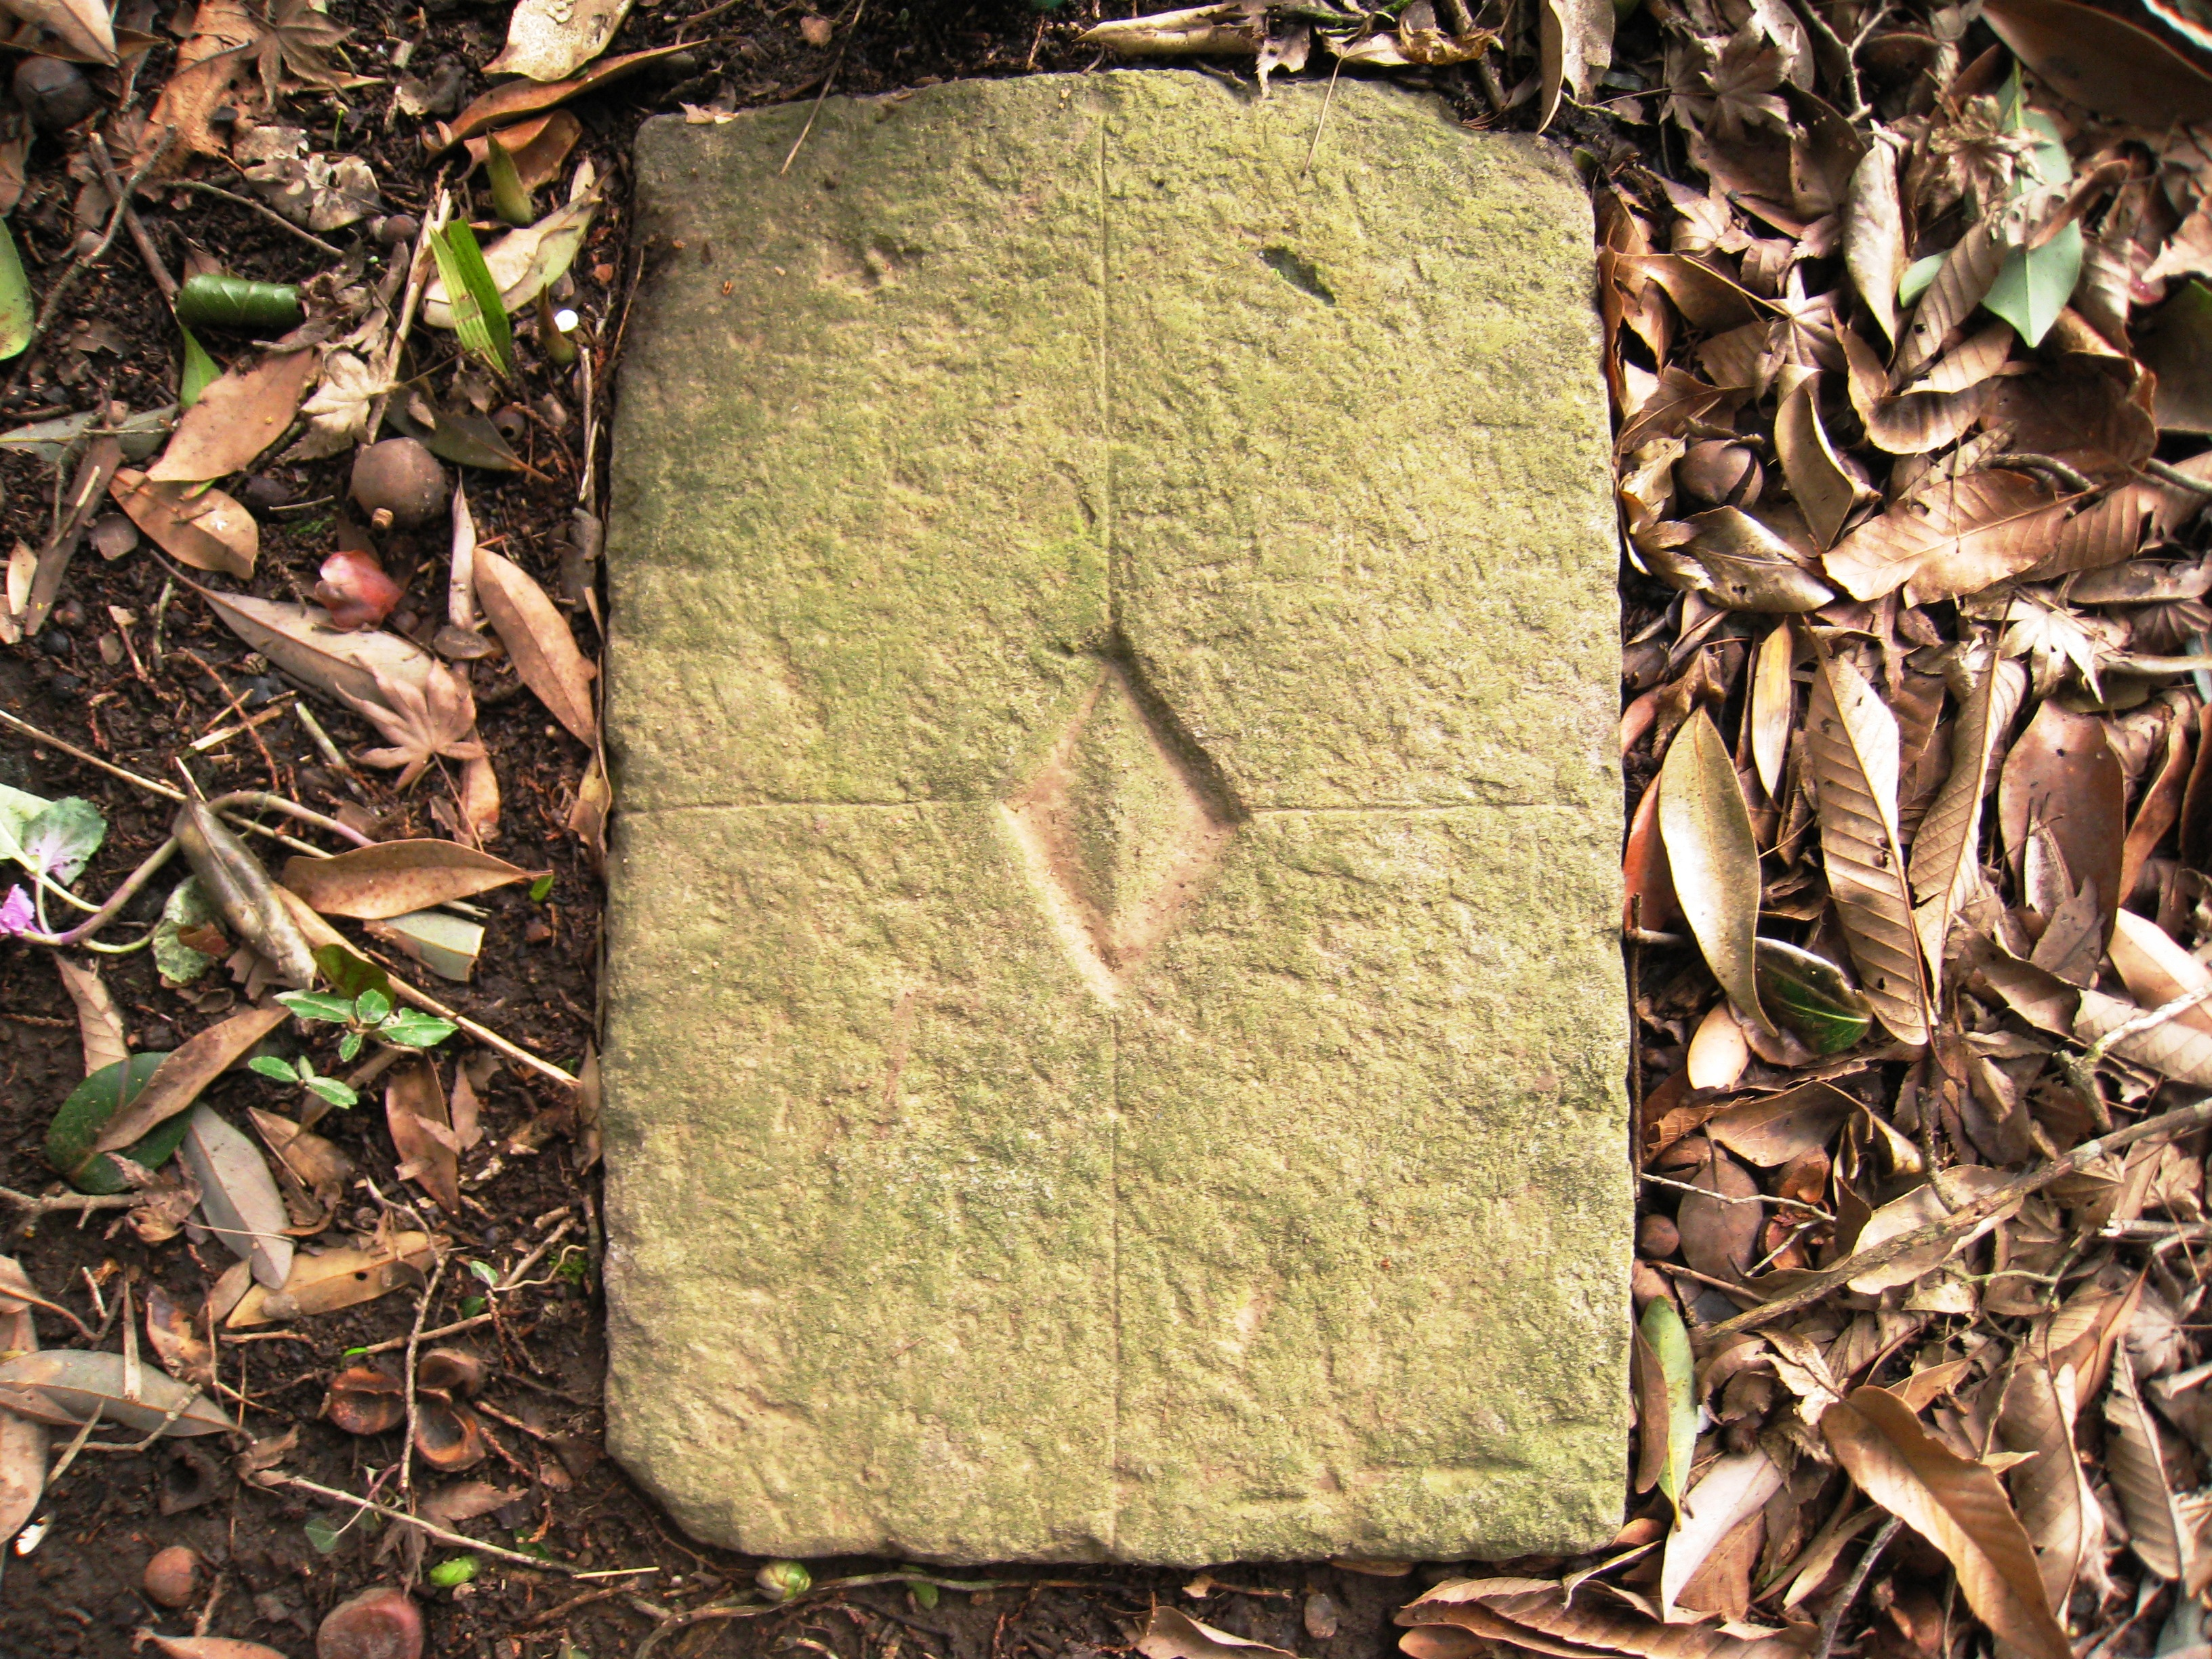 県指定史跡 由布院キリシタン墓群